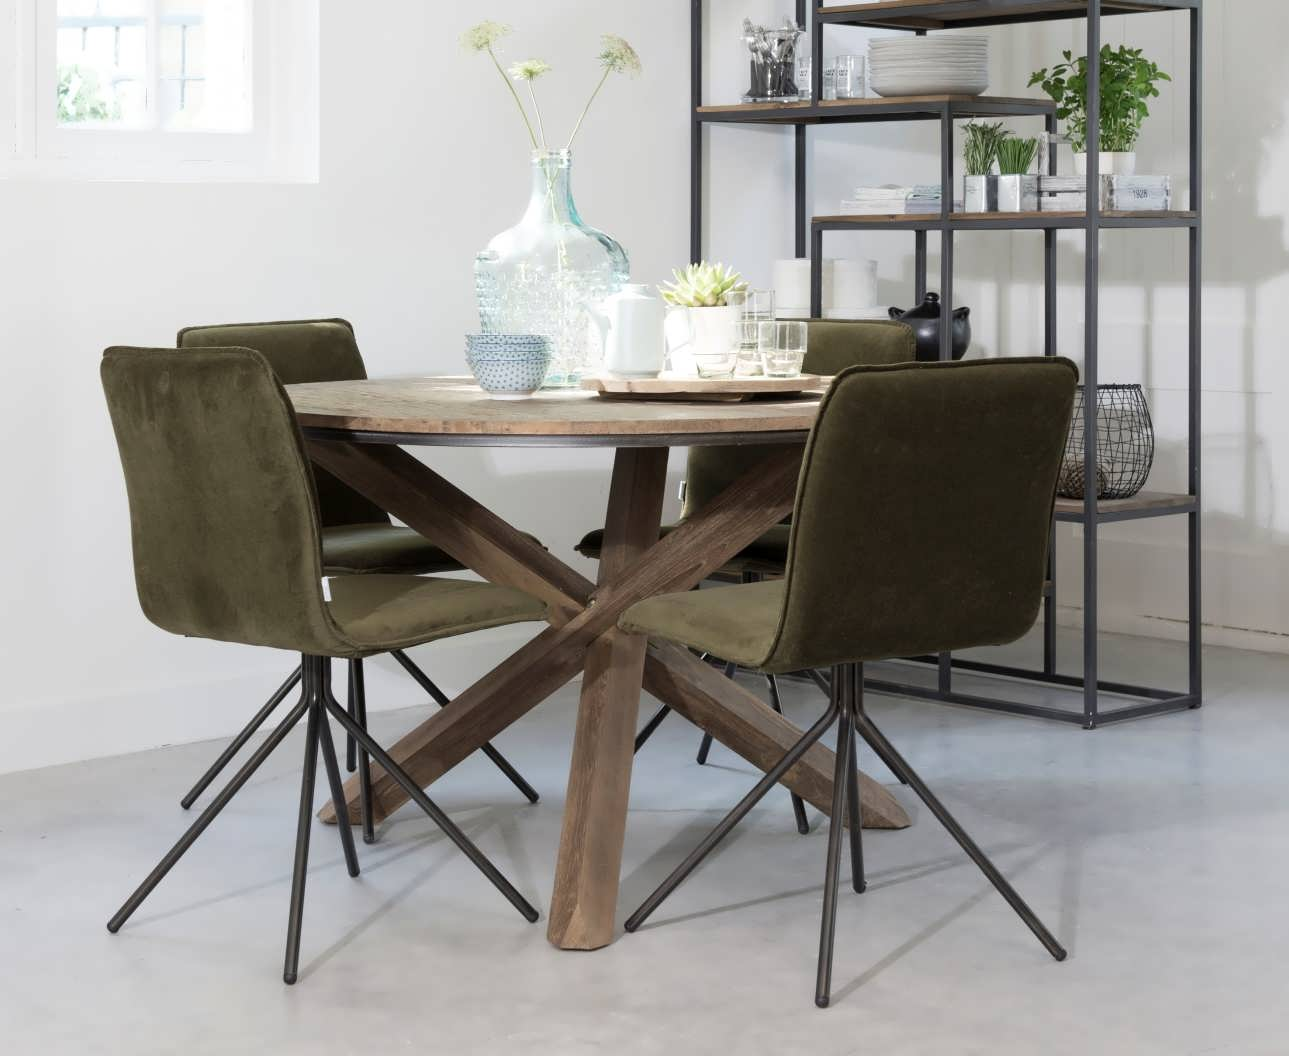 Ronde Tafel 130 : Ronde tafel zamunda gemaakt van recycled teak robuustetafels